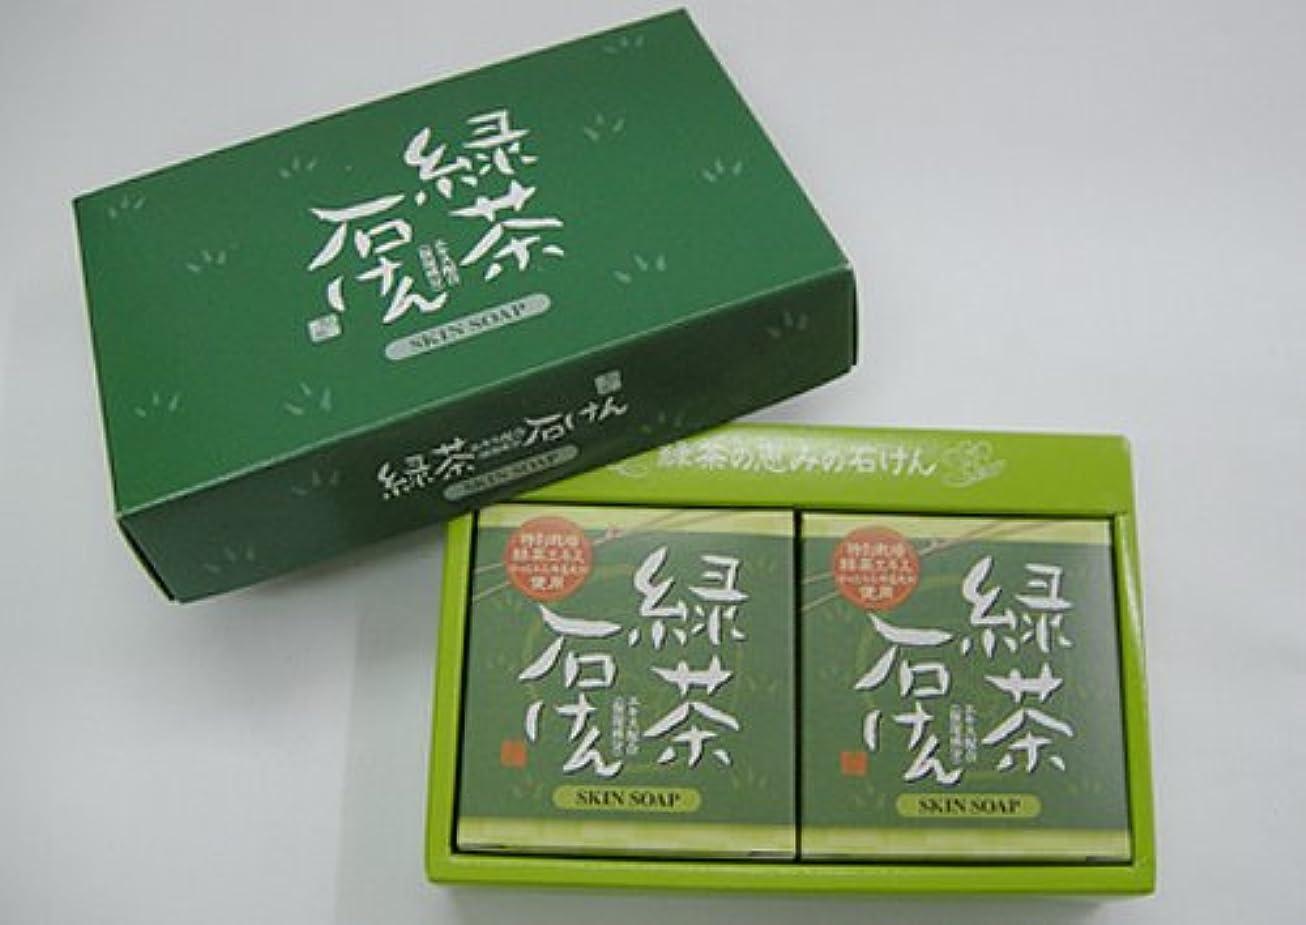 惑星結婚式光沢のある緑茶せっけん(緑茶エキス配合石けん)2ヶ入り